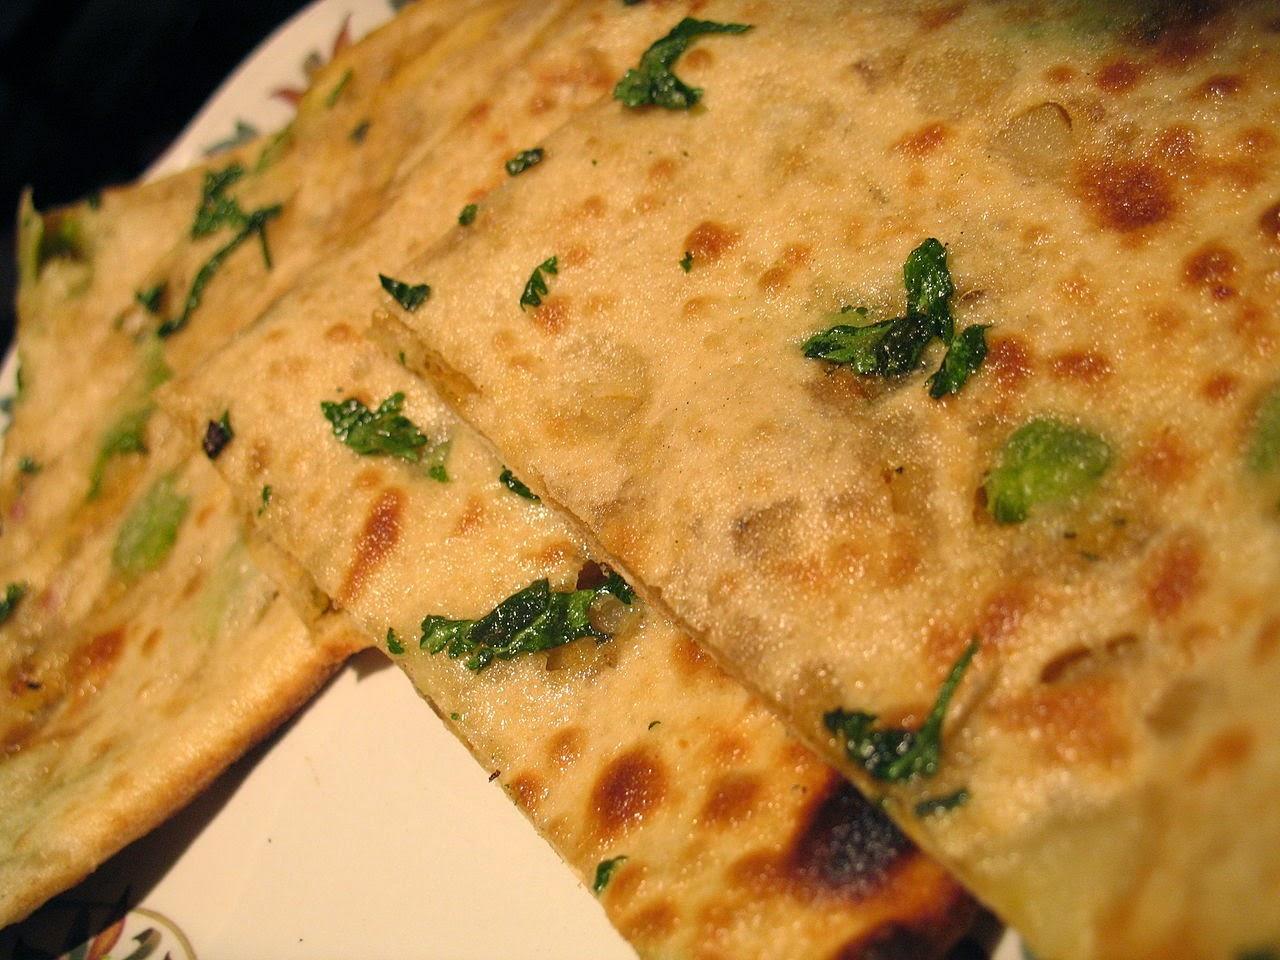 galettes fourrées au choux-fleur, pain indien de saison